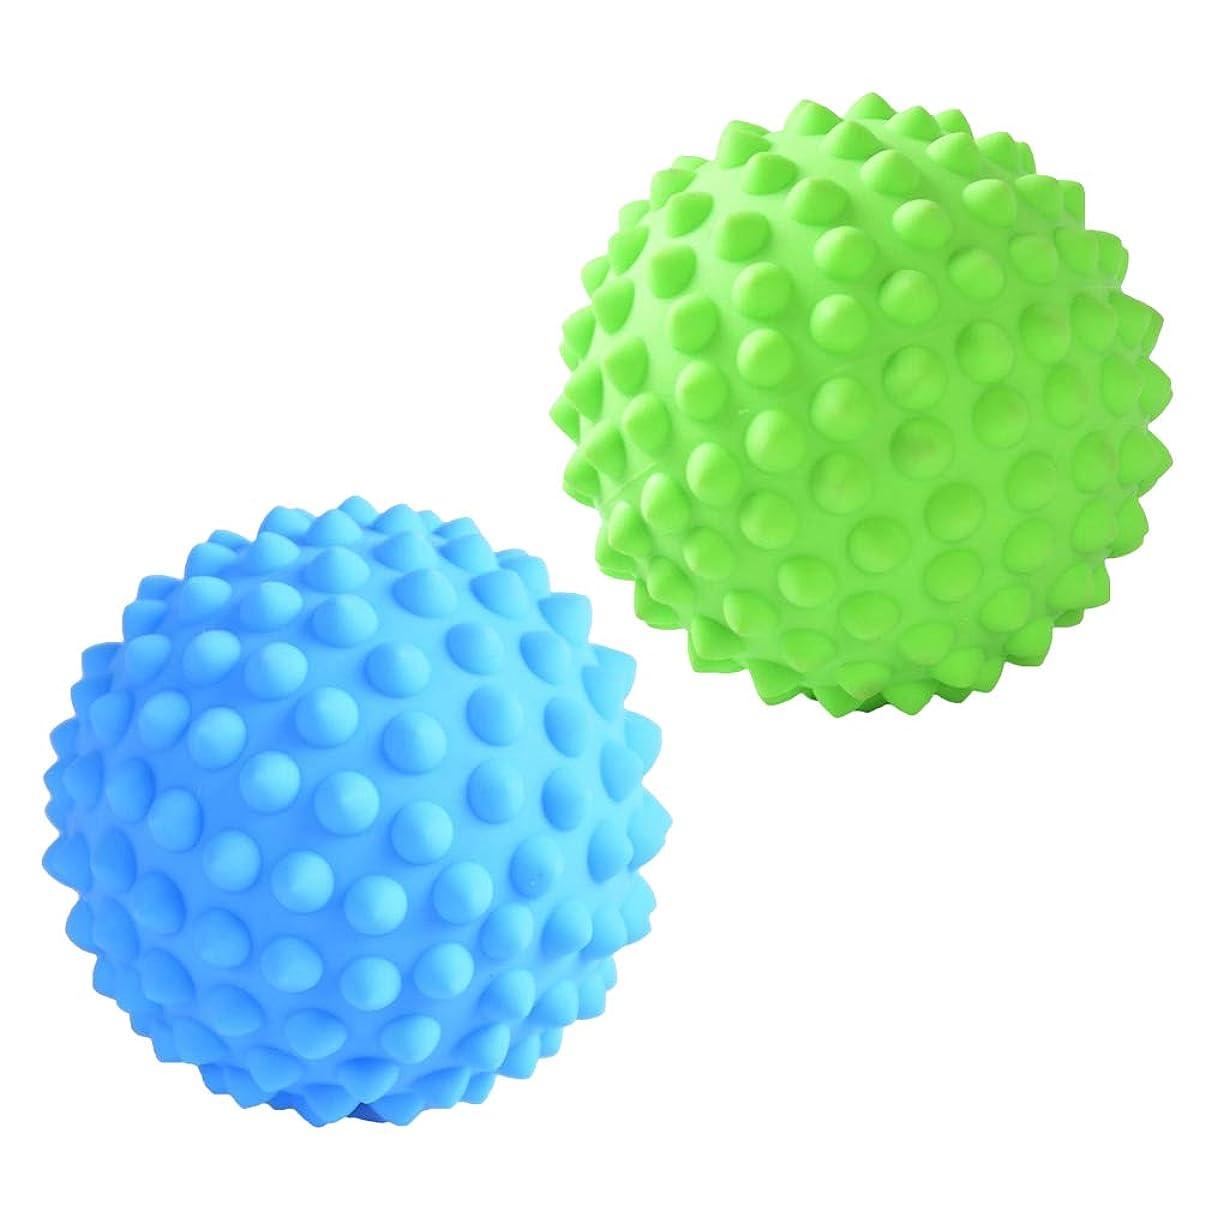 雇う受粉する科学者D DOLITY マッサージローラーボール マッサージローラー 指圧ボール トリガーポイント ツボ押しグッズ 2個入